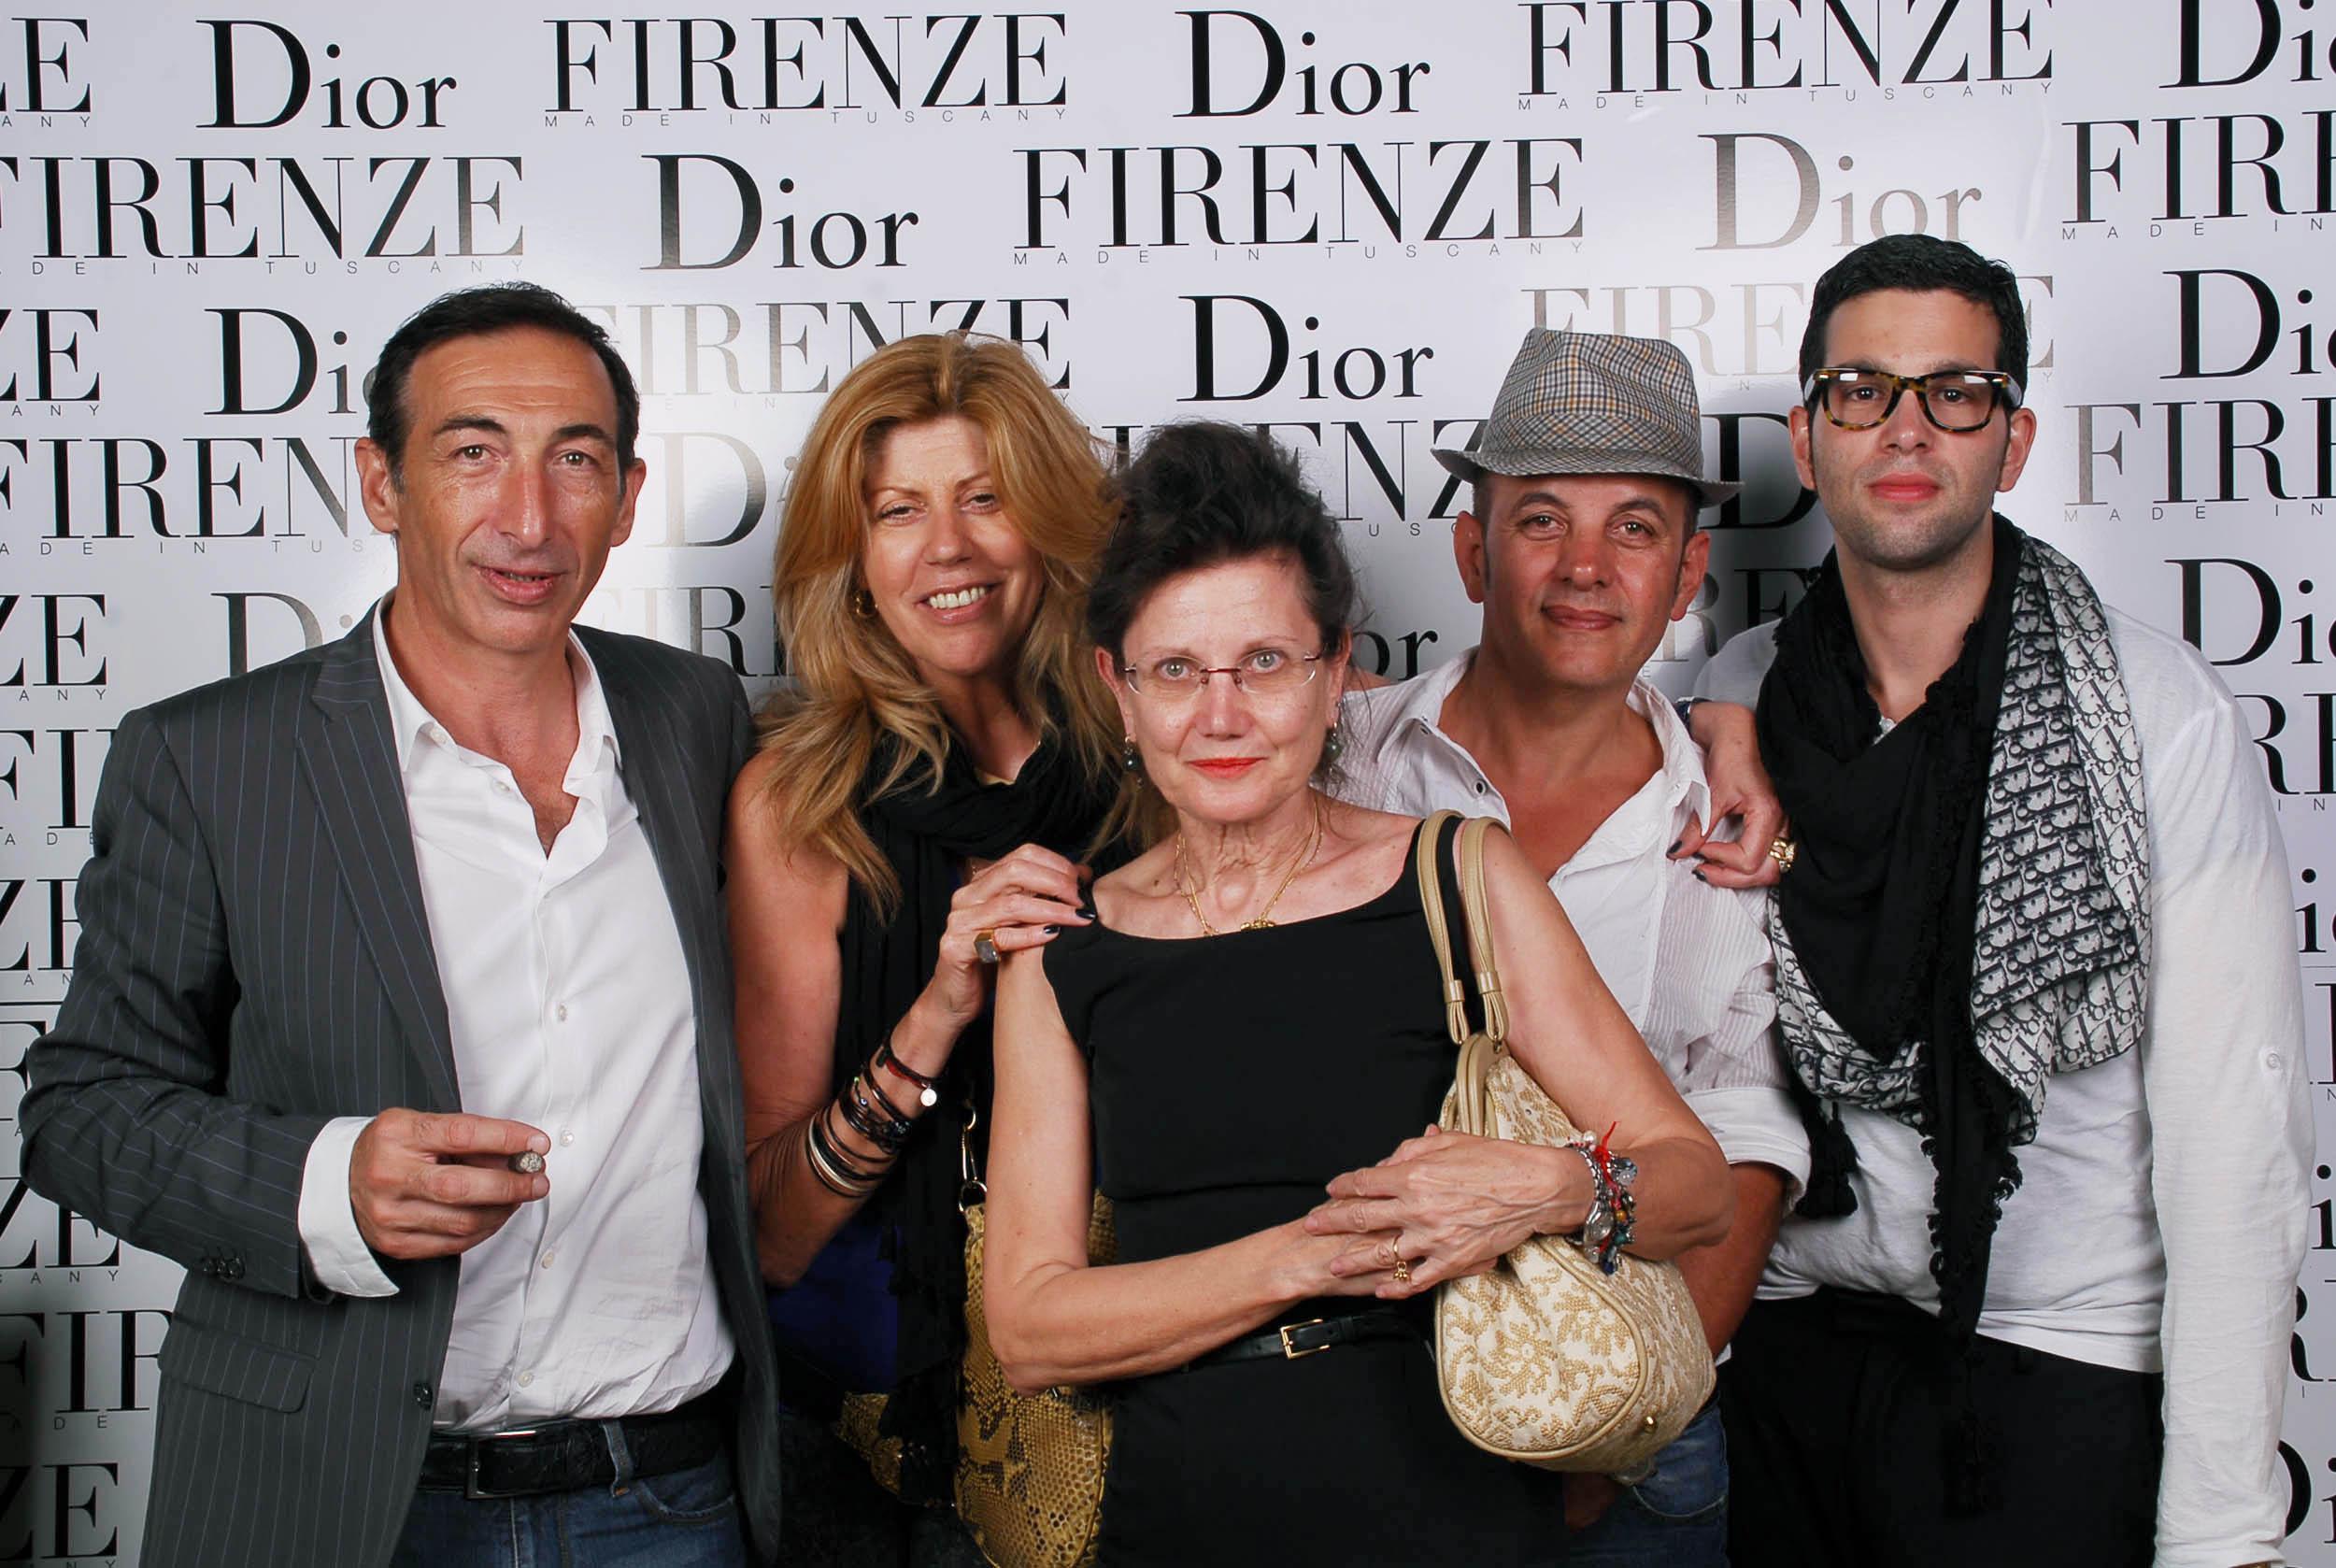 PRESSPHOTO  Firenze, evento Dior al teatro romano di Fiesole. Nella foto